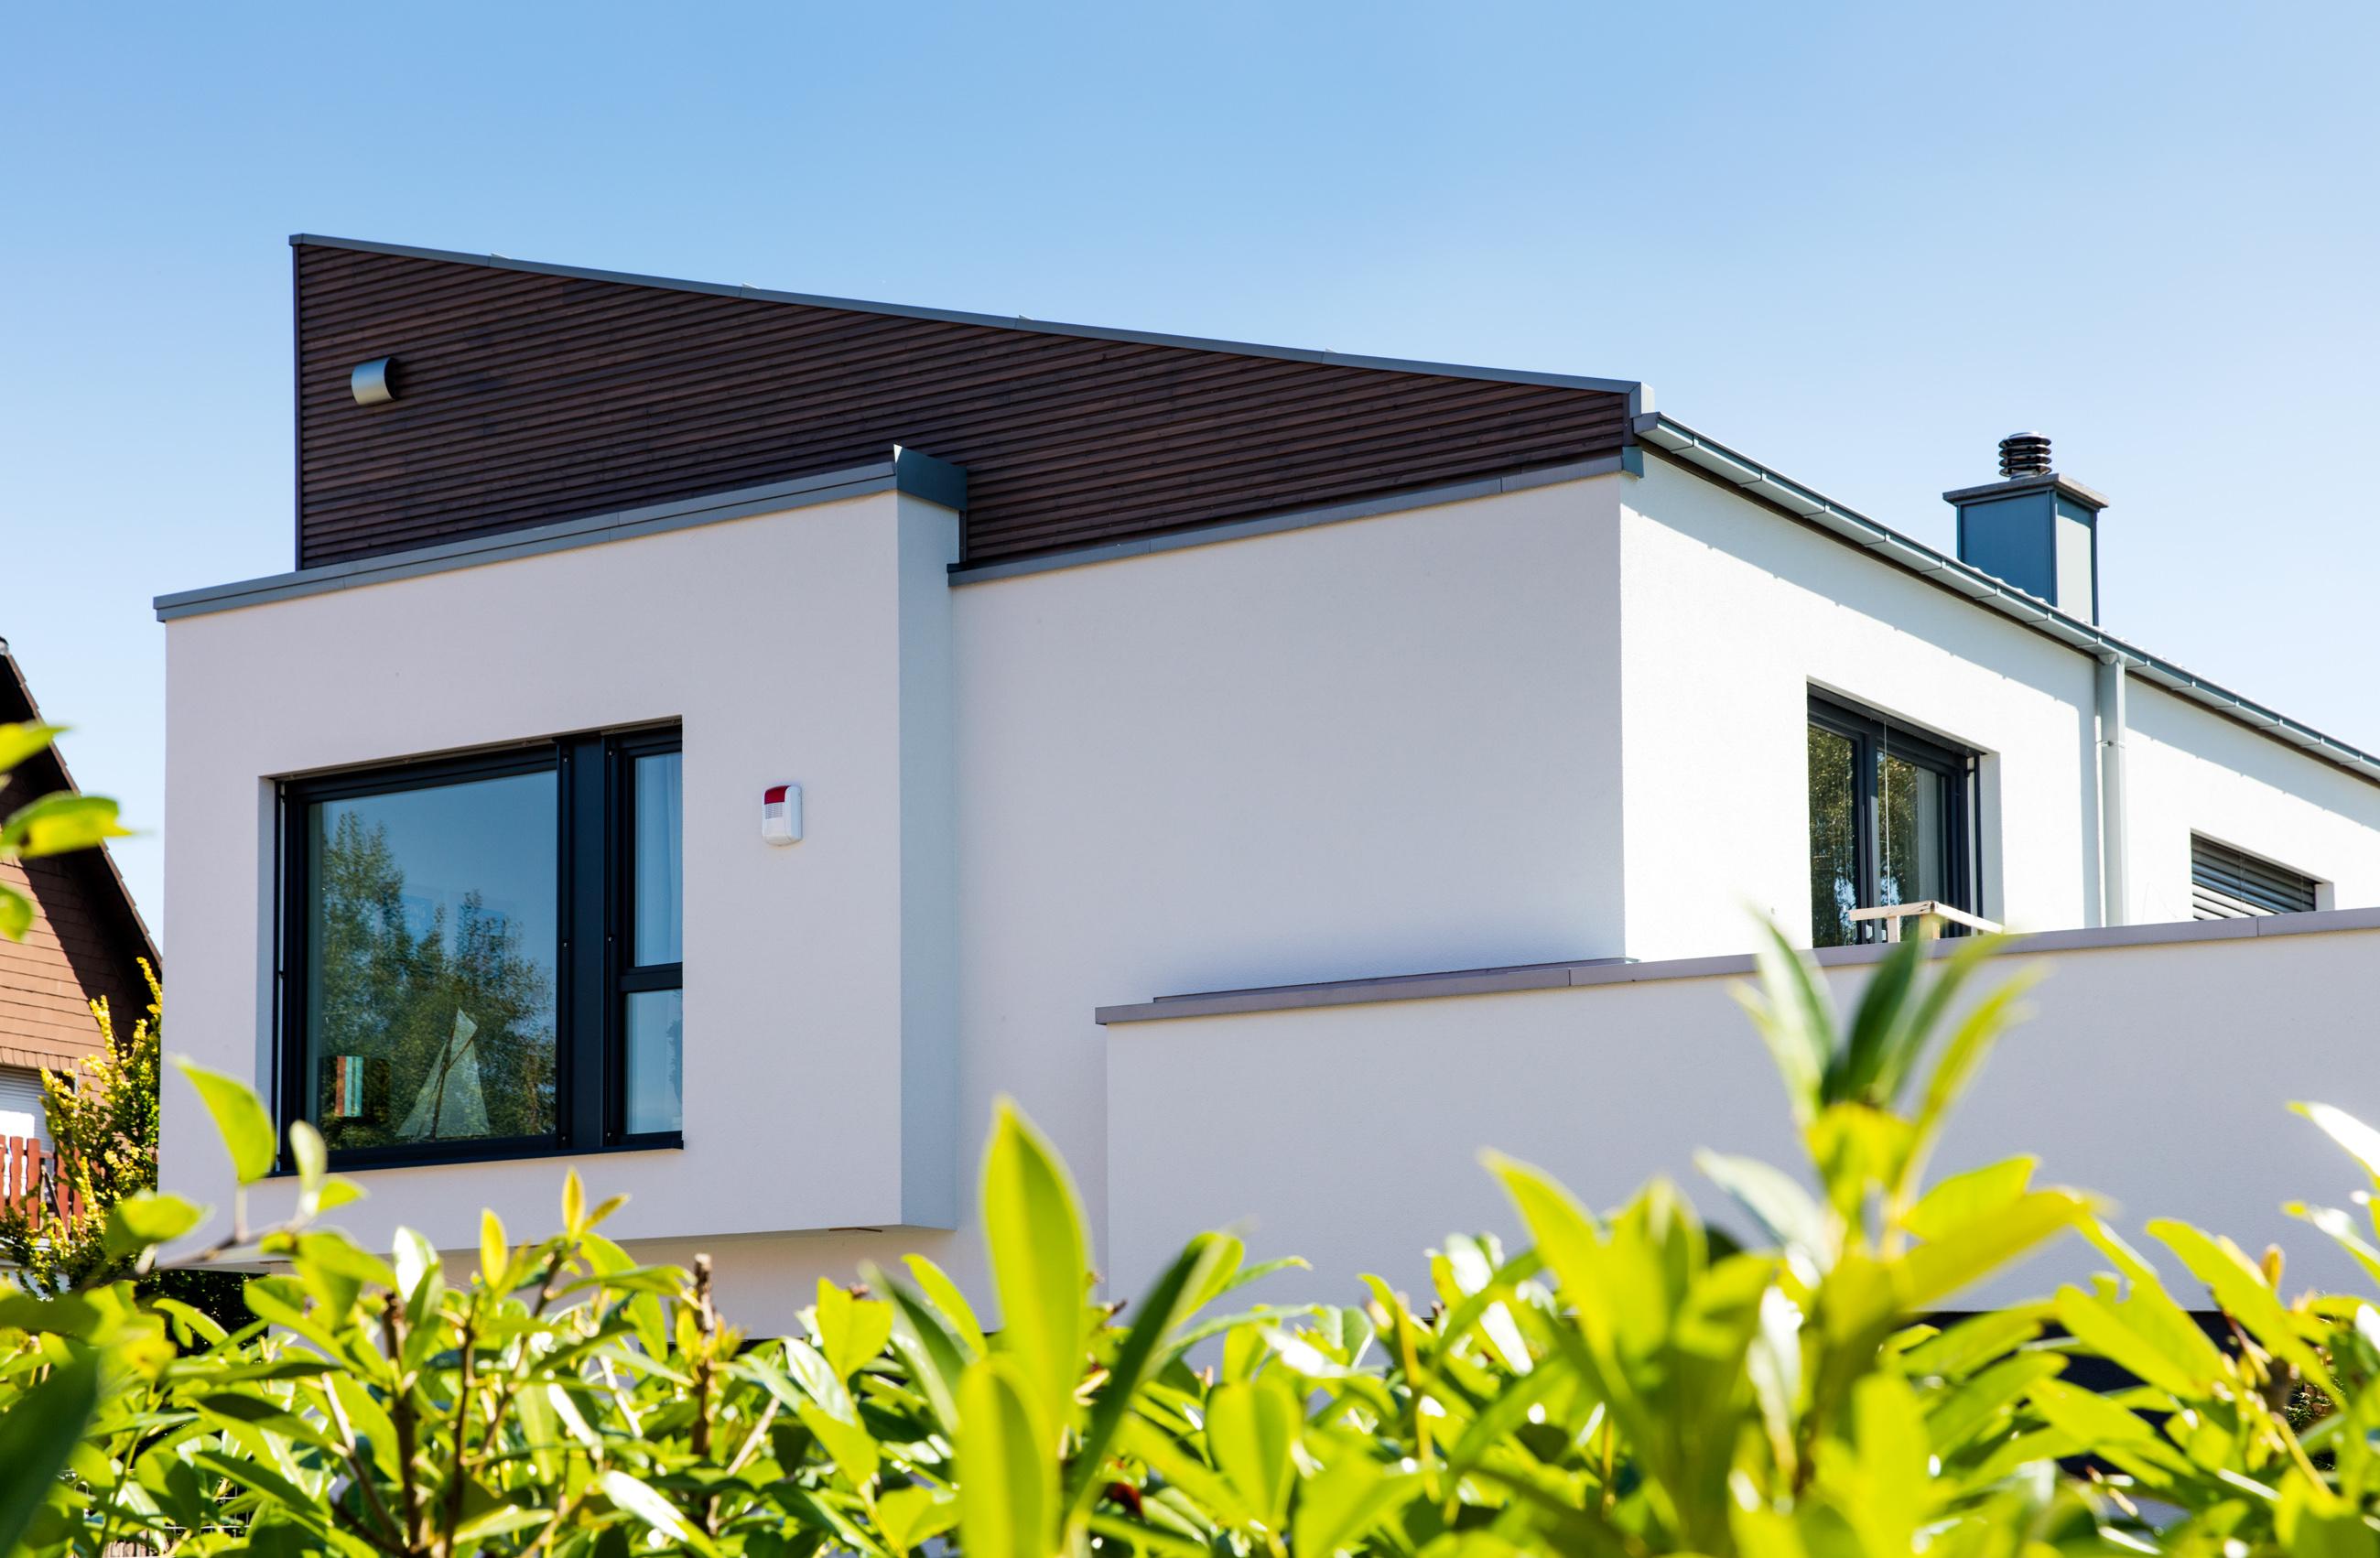 Neubau Eines Einfamilienhauses Hilker Jochheim Architekten